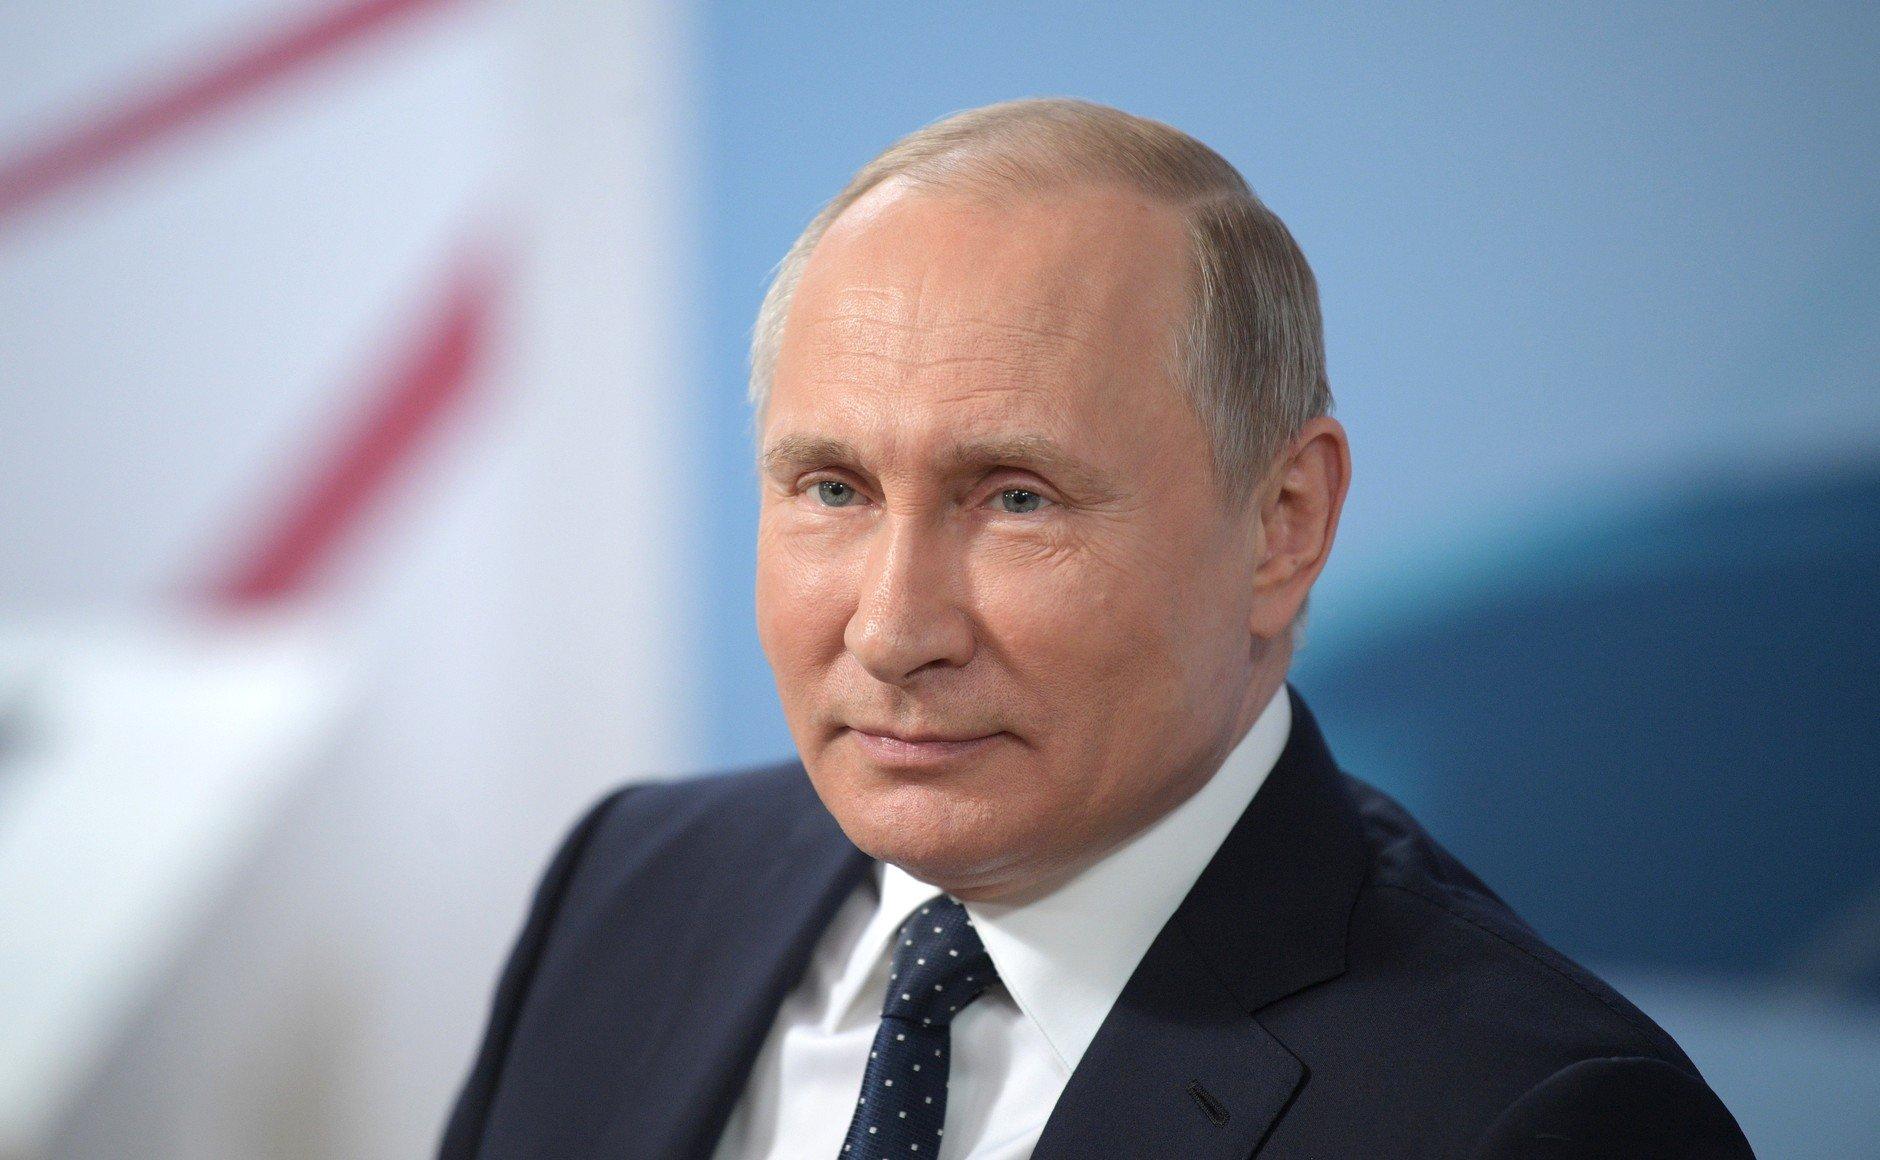 Putin də Füzuliyə gəlir? - AÇIQLAMA